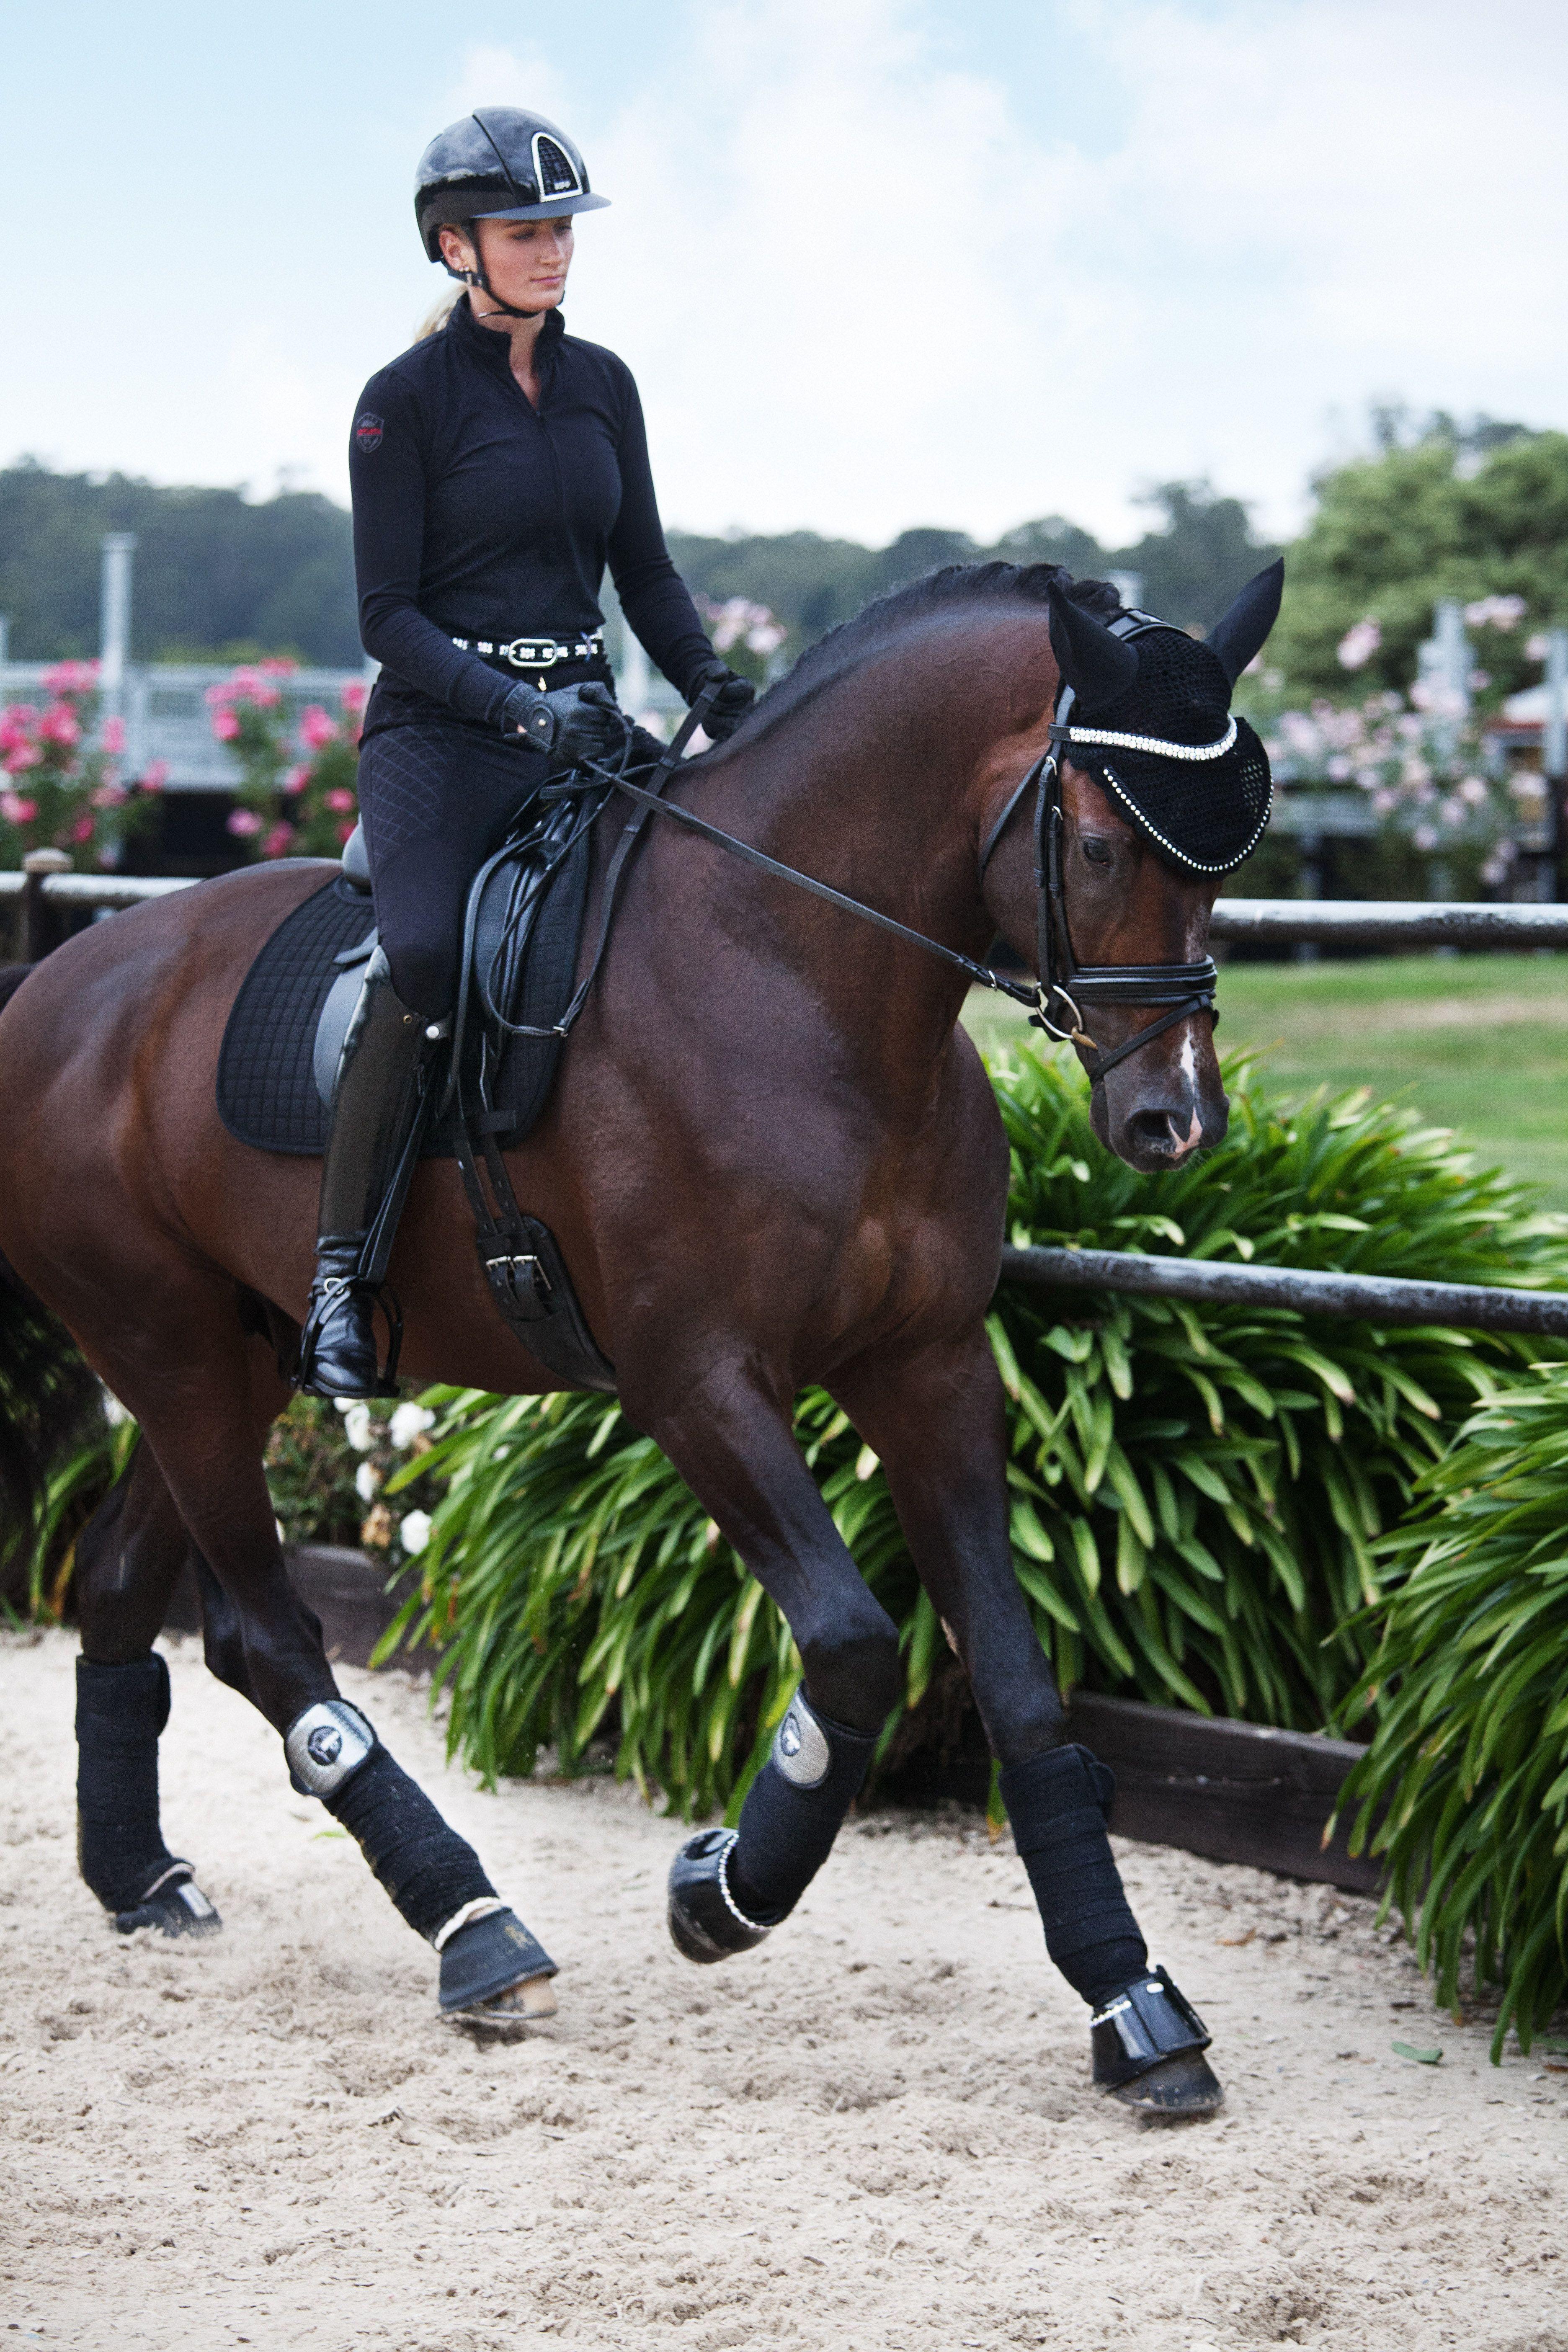 Janina Wears Kep Helmet In Cromo S Swarovski Black Black